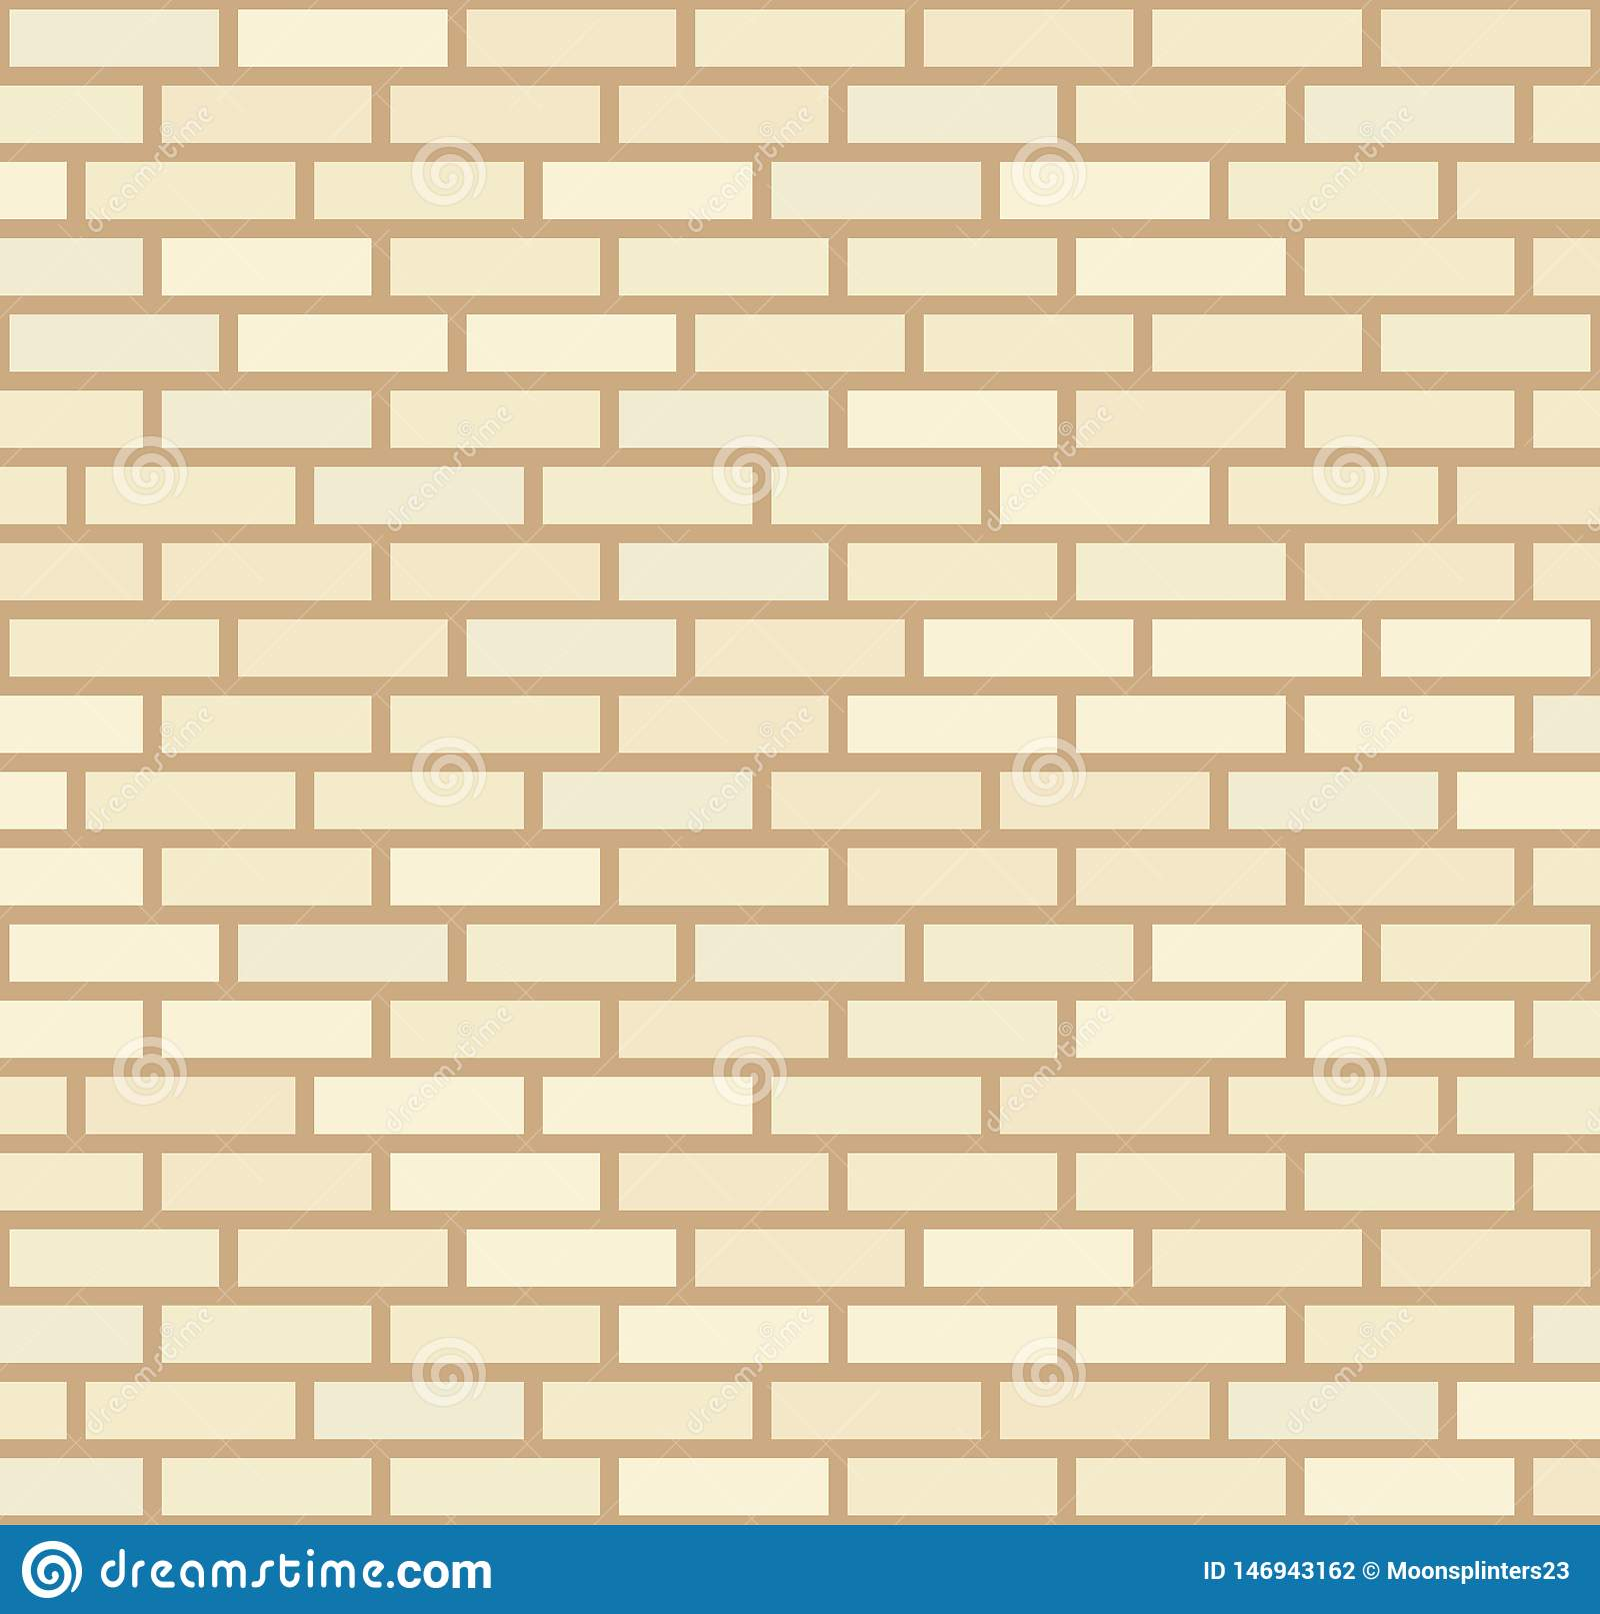 Wektorowy beż i jasnożółty ściany z cegieł tło Starej tekstury miastowy kamieniarstwo Rocznik architektury bloku tapeta fasada re